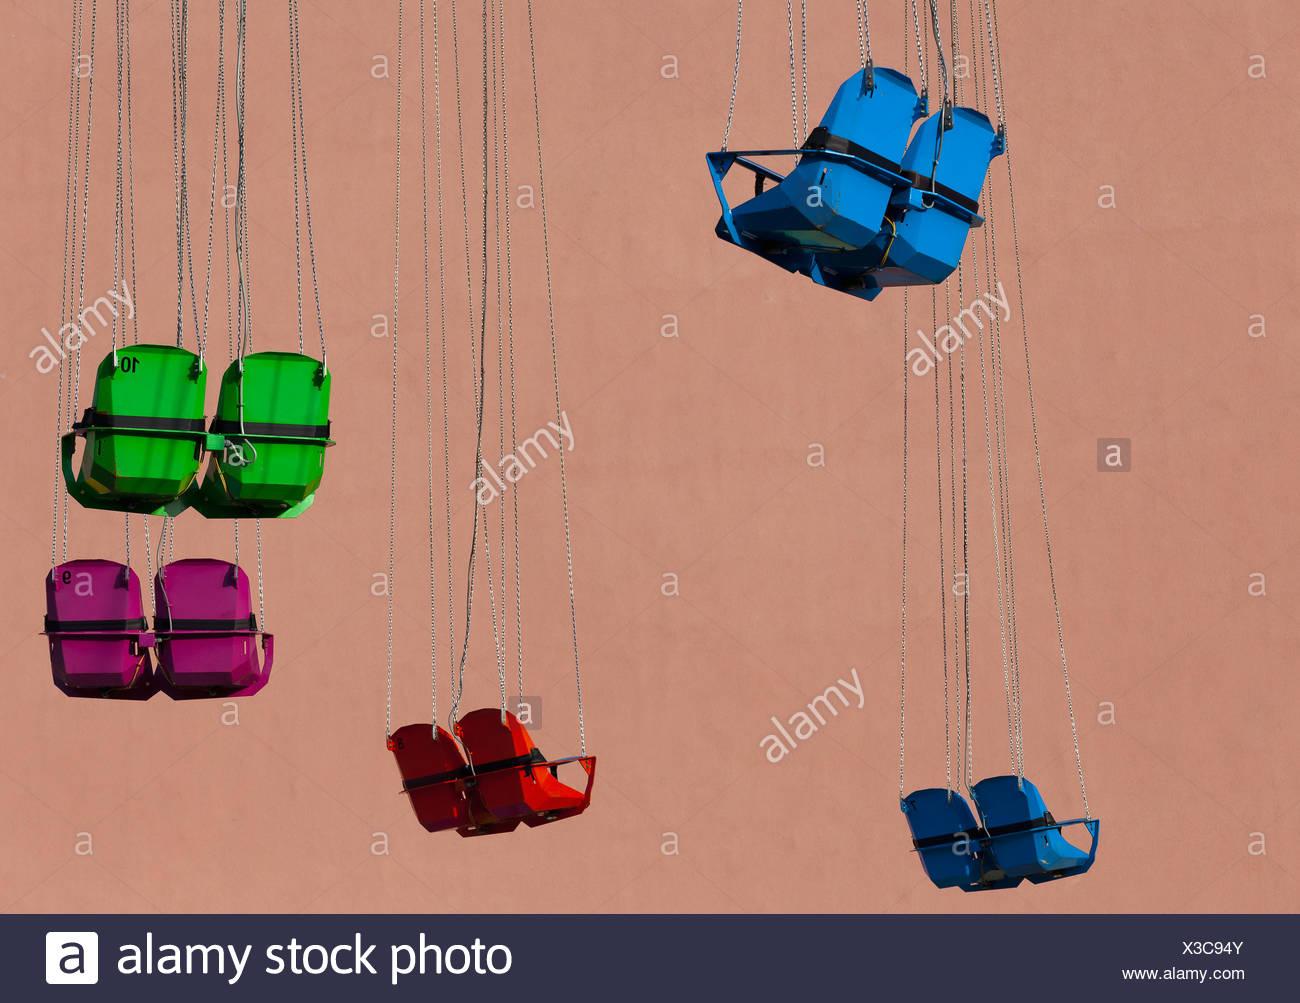 Sièges vides d'un Chairoplane ou carrousel de rotation en avant d'une façade de maison, Berlin, Germany, Europe Photo Stock